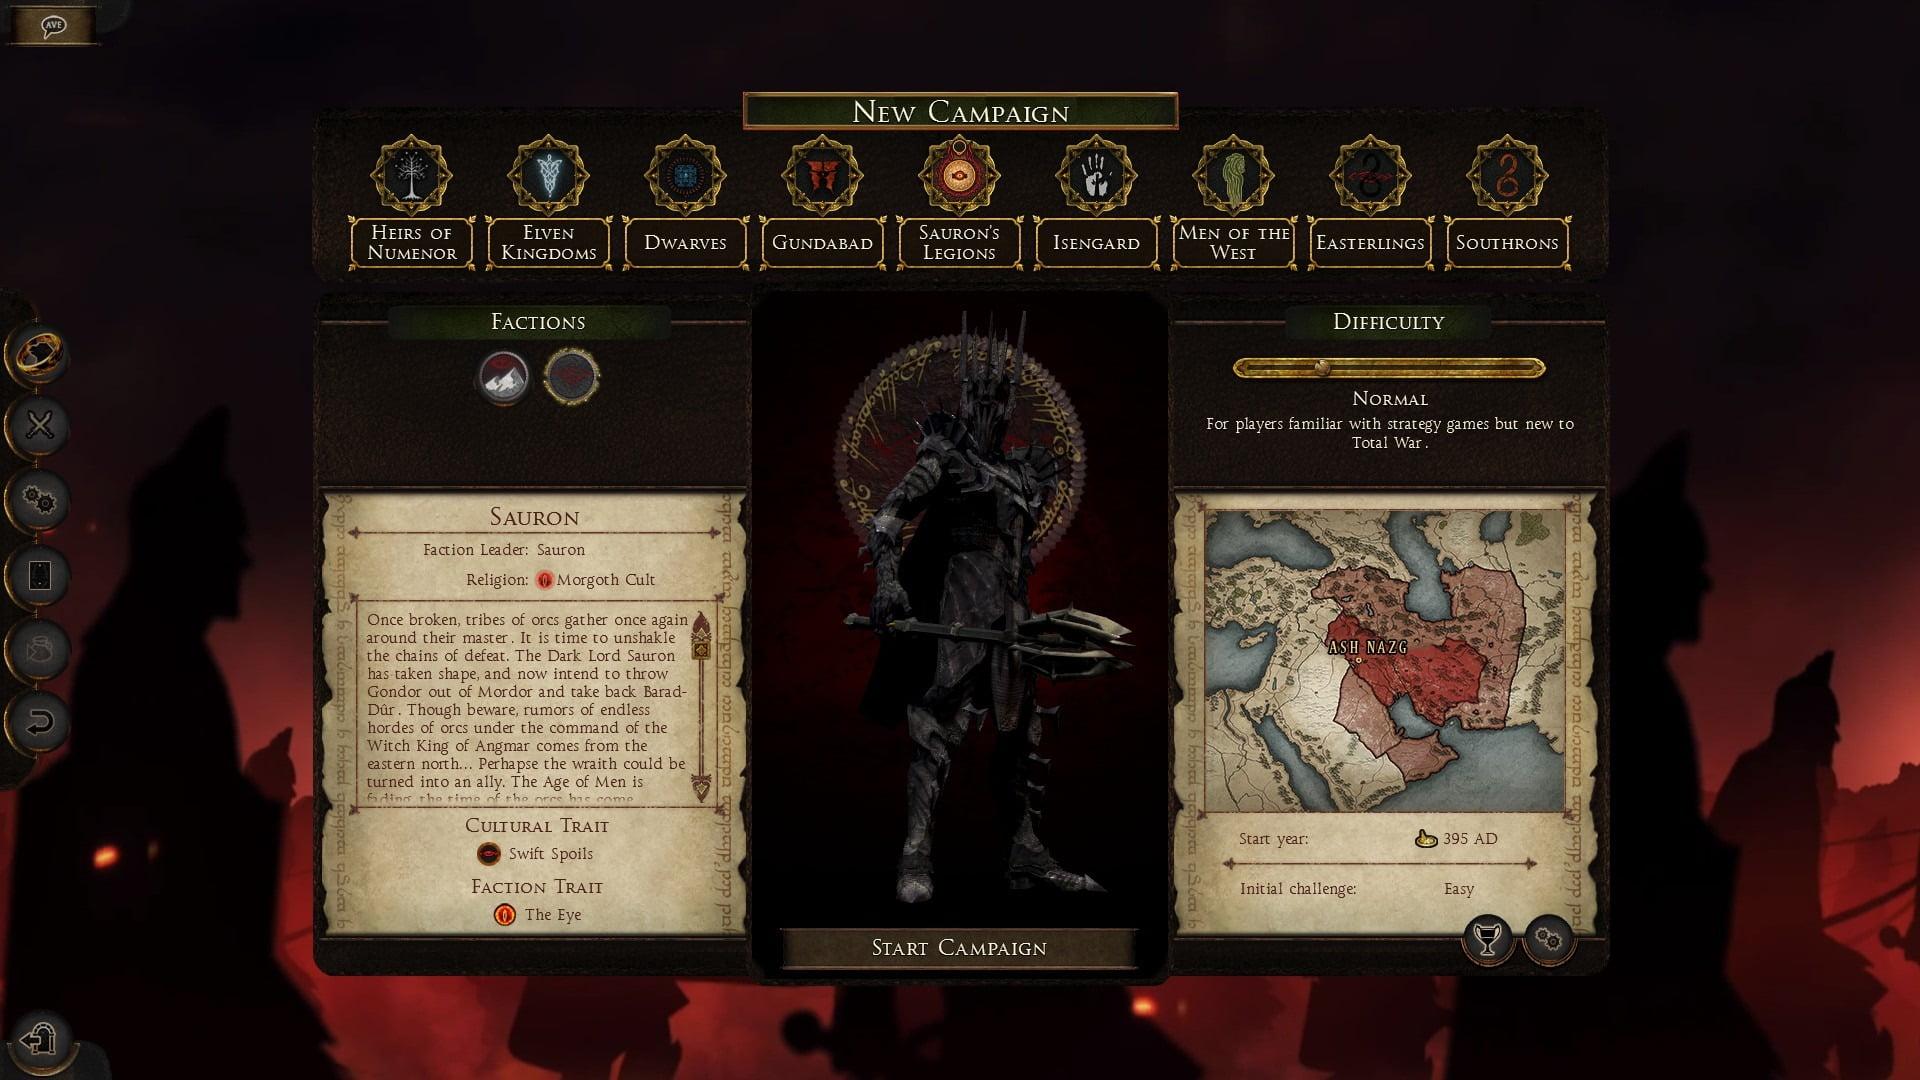 دانلود مد Rise of Mordor: The War of the Ring برای بازی Total War: Attila